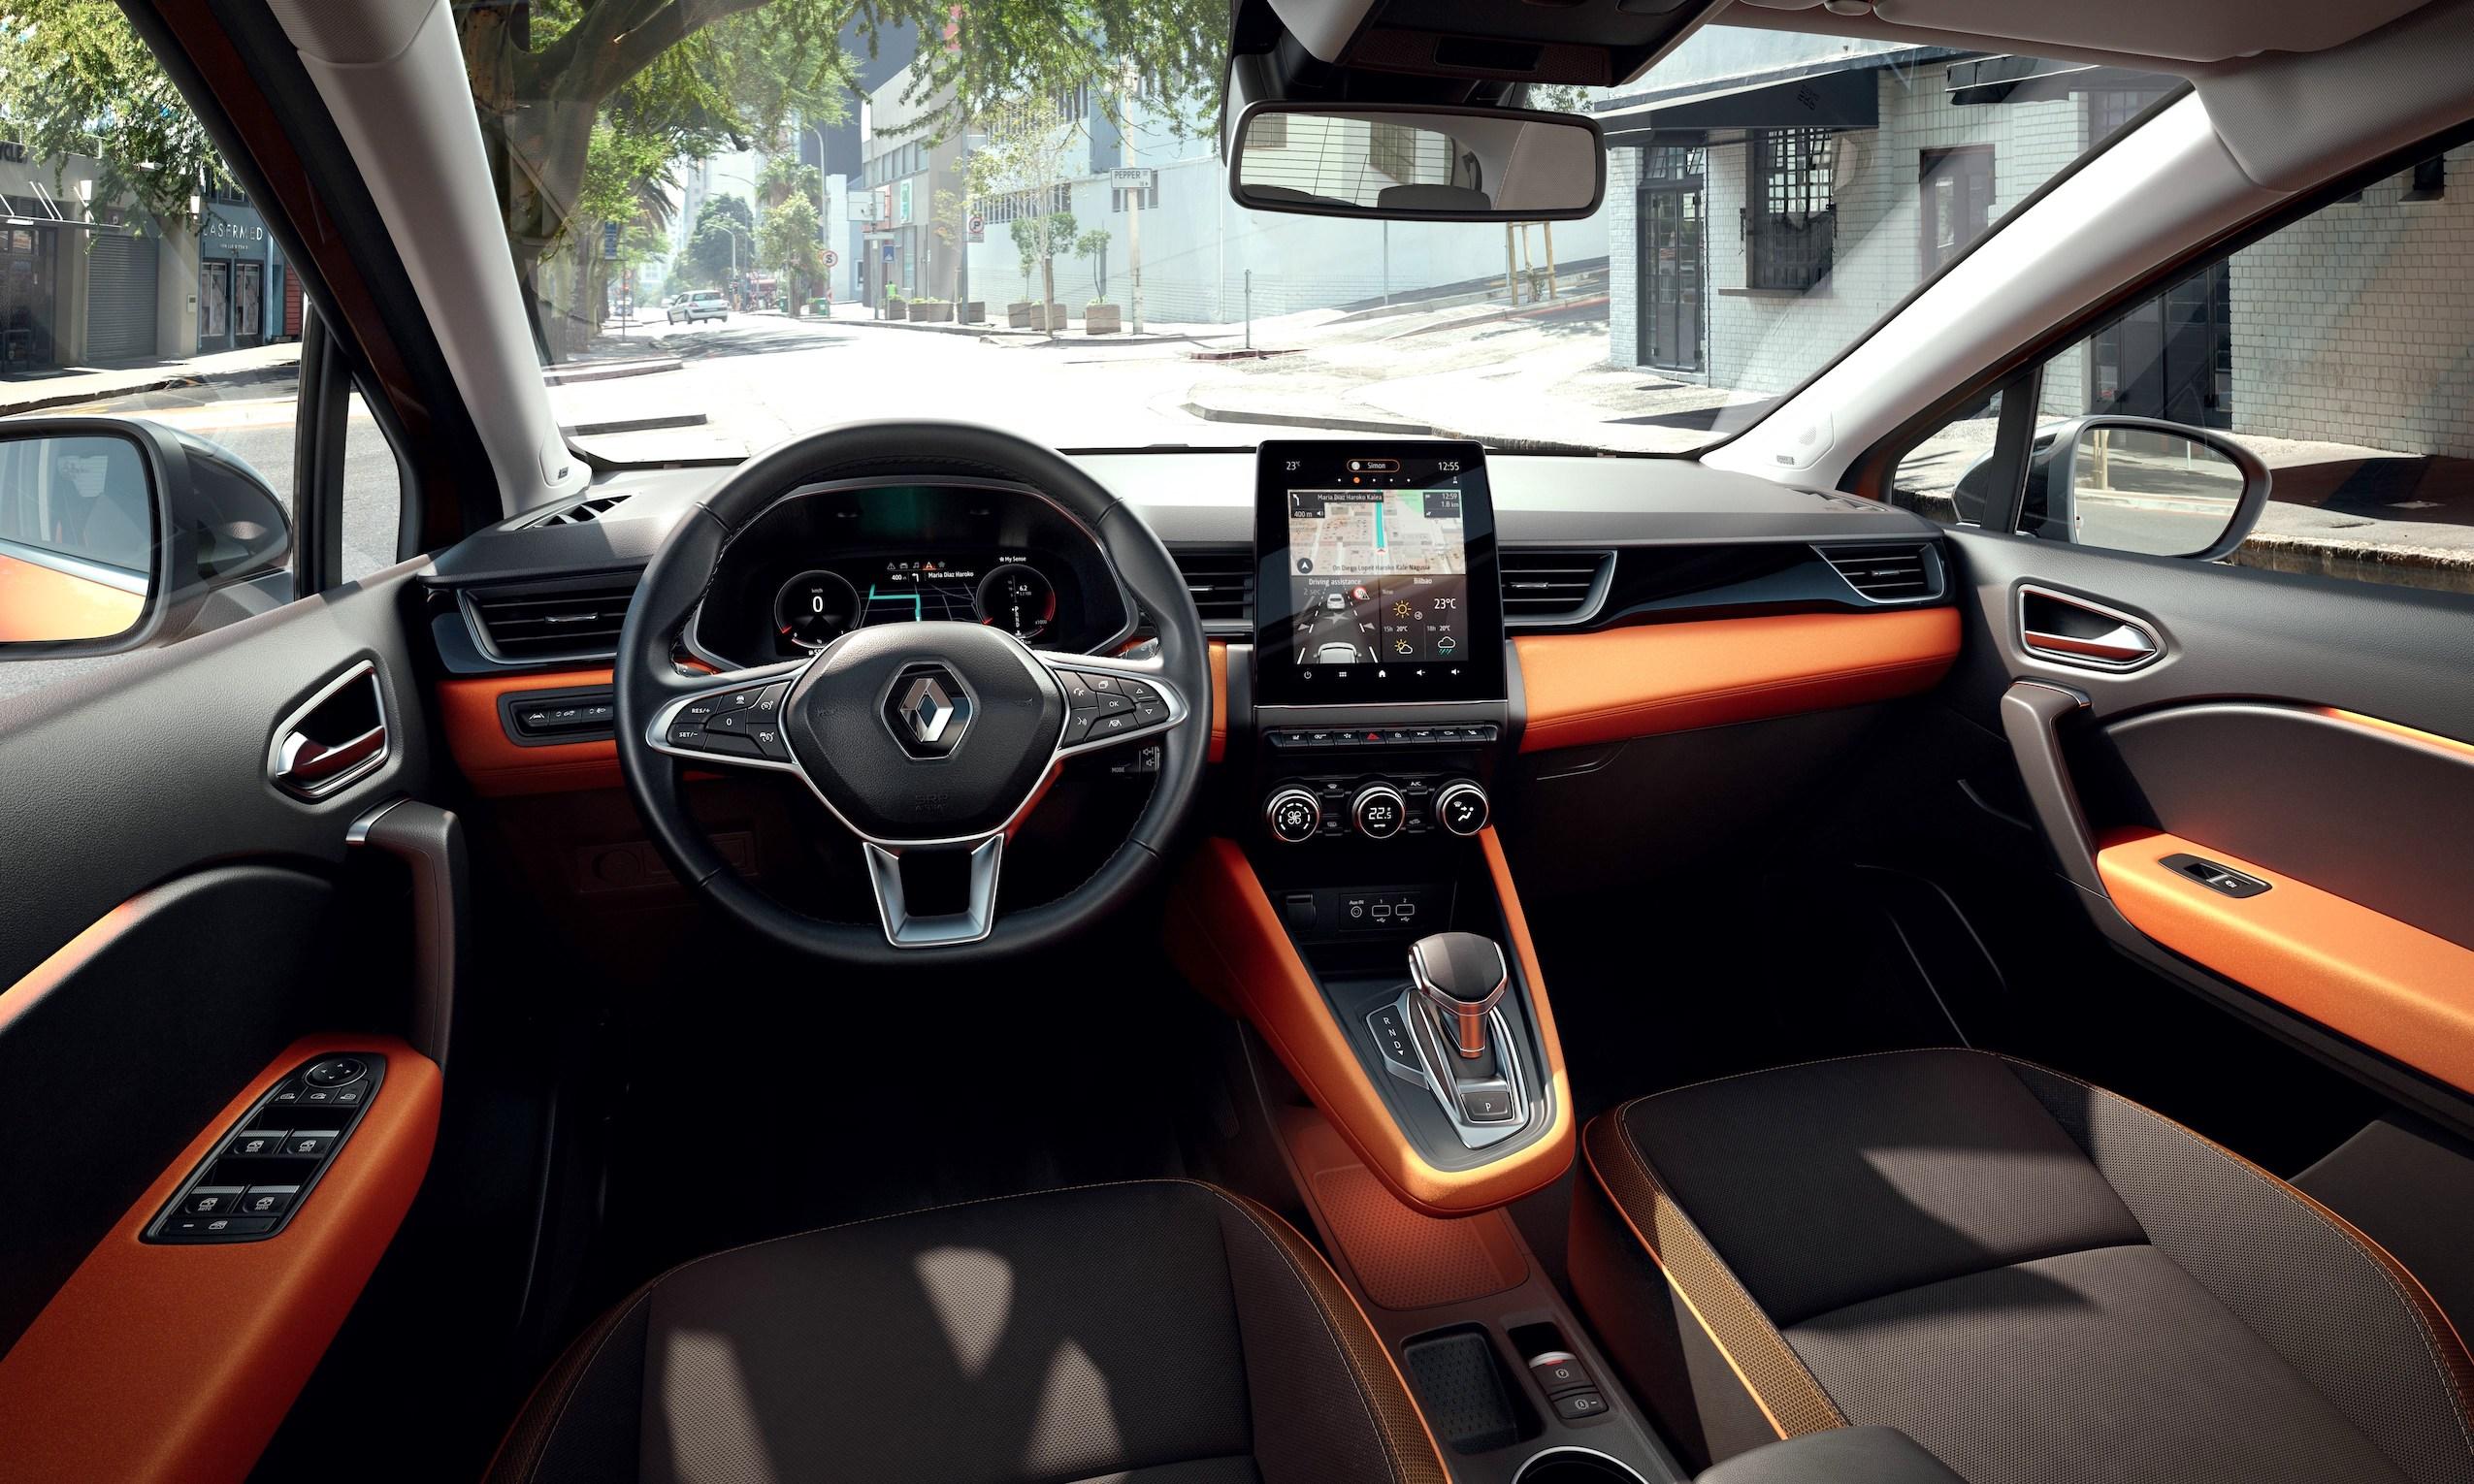 El interior de este SUV está francamente conseguido. Es cómodo y la vida a bordo se disfruta.